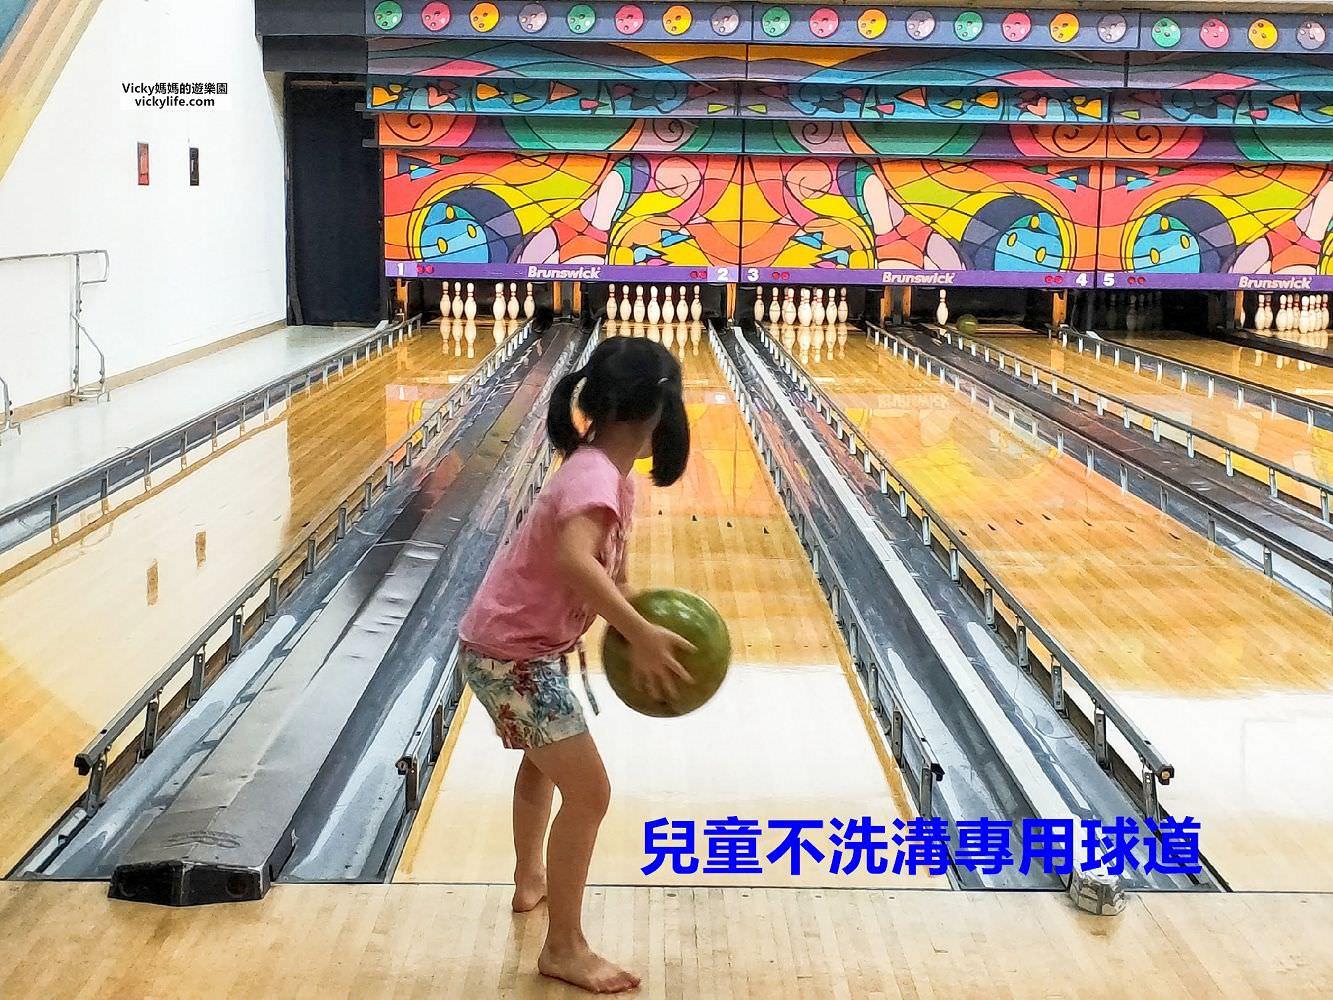 台南玩樂︱親子景點︱一心保齡球館:兒童不洗溝專用球道,只要用滾的就可以得分,超有成就感的室內運動